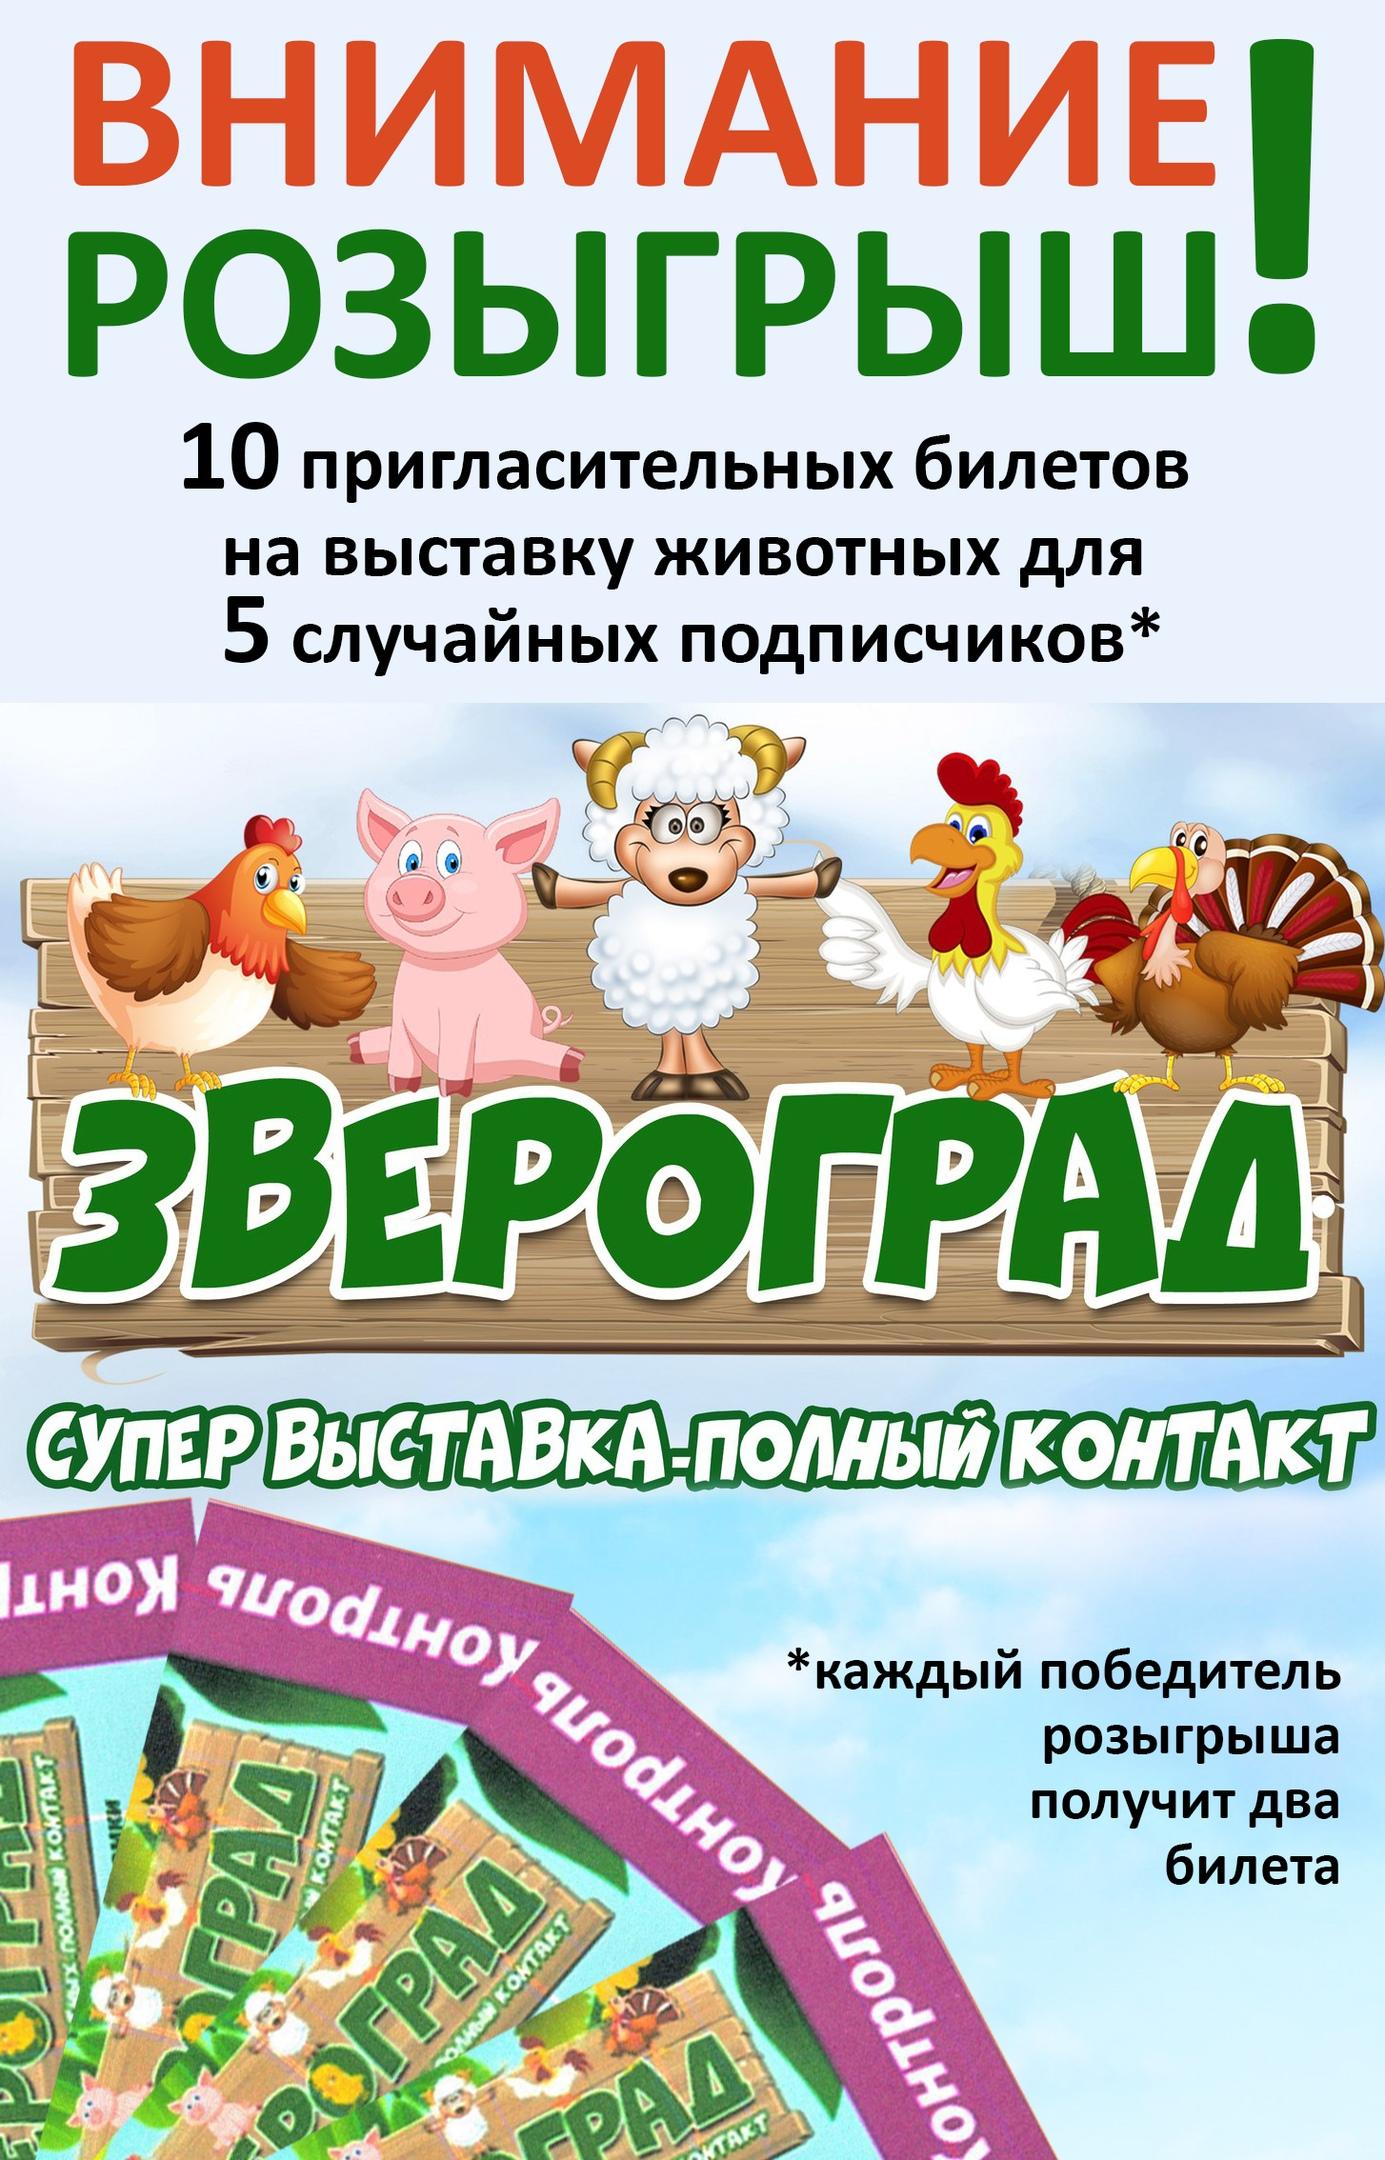 Розыгрыш пригласительных билетов на супер выставку животных!